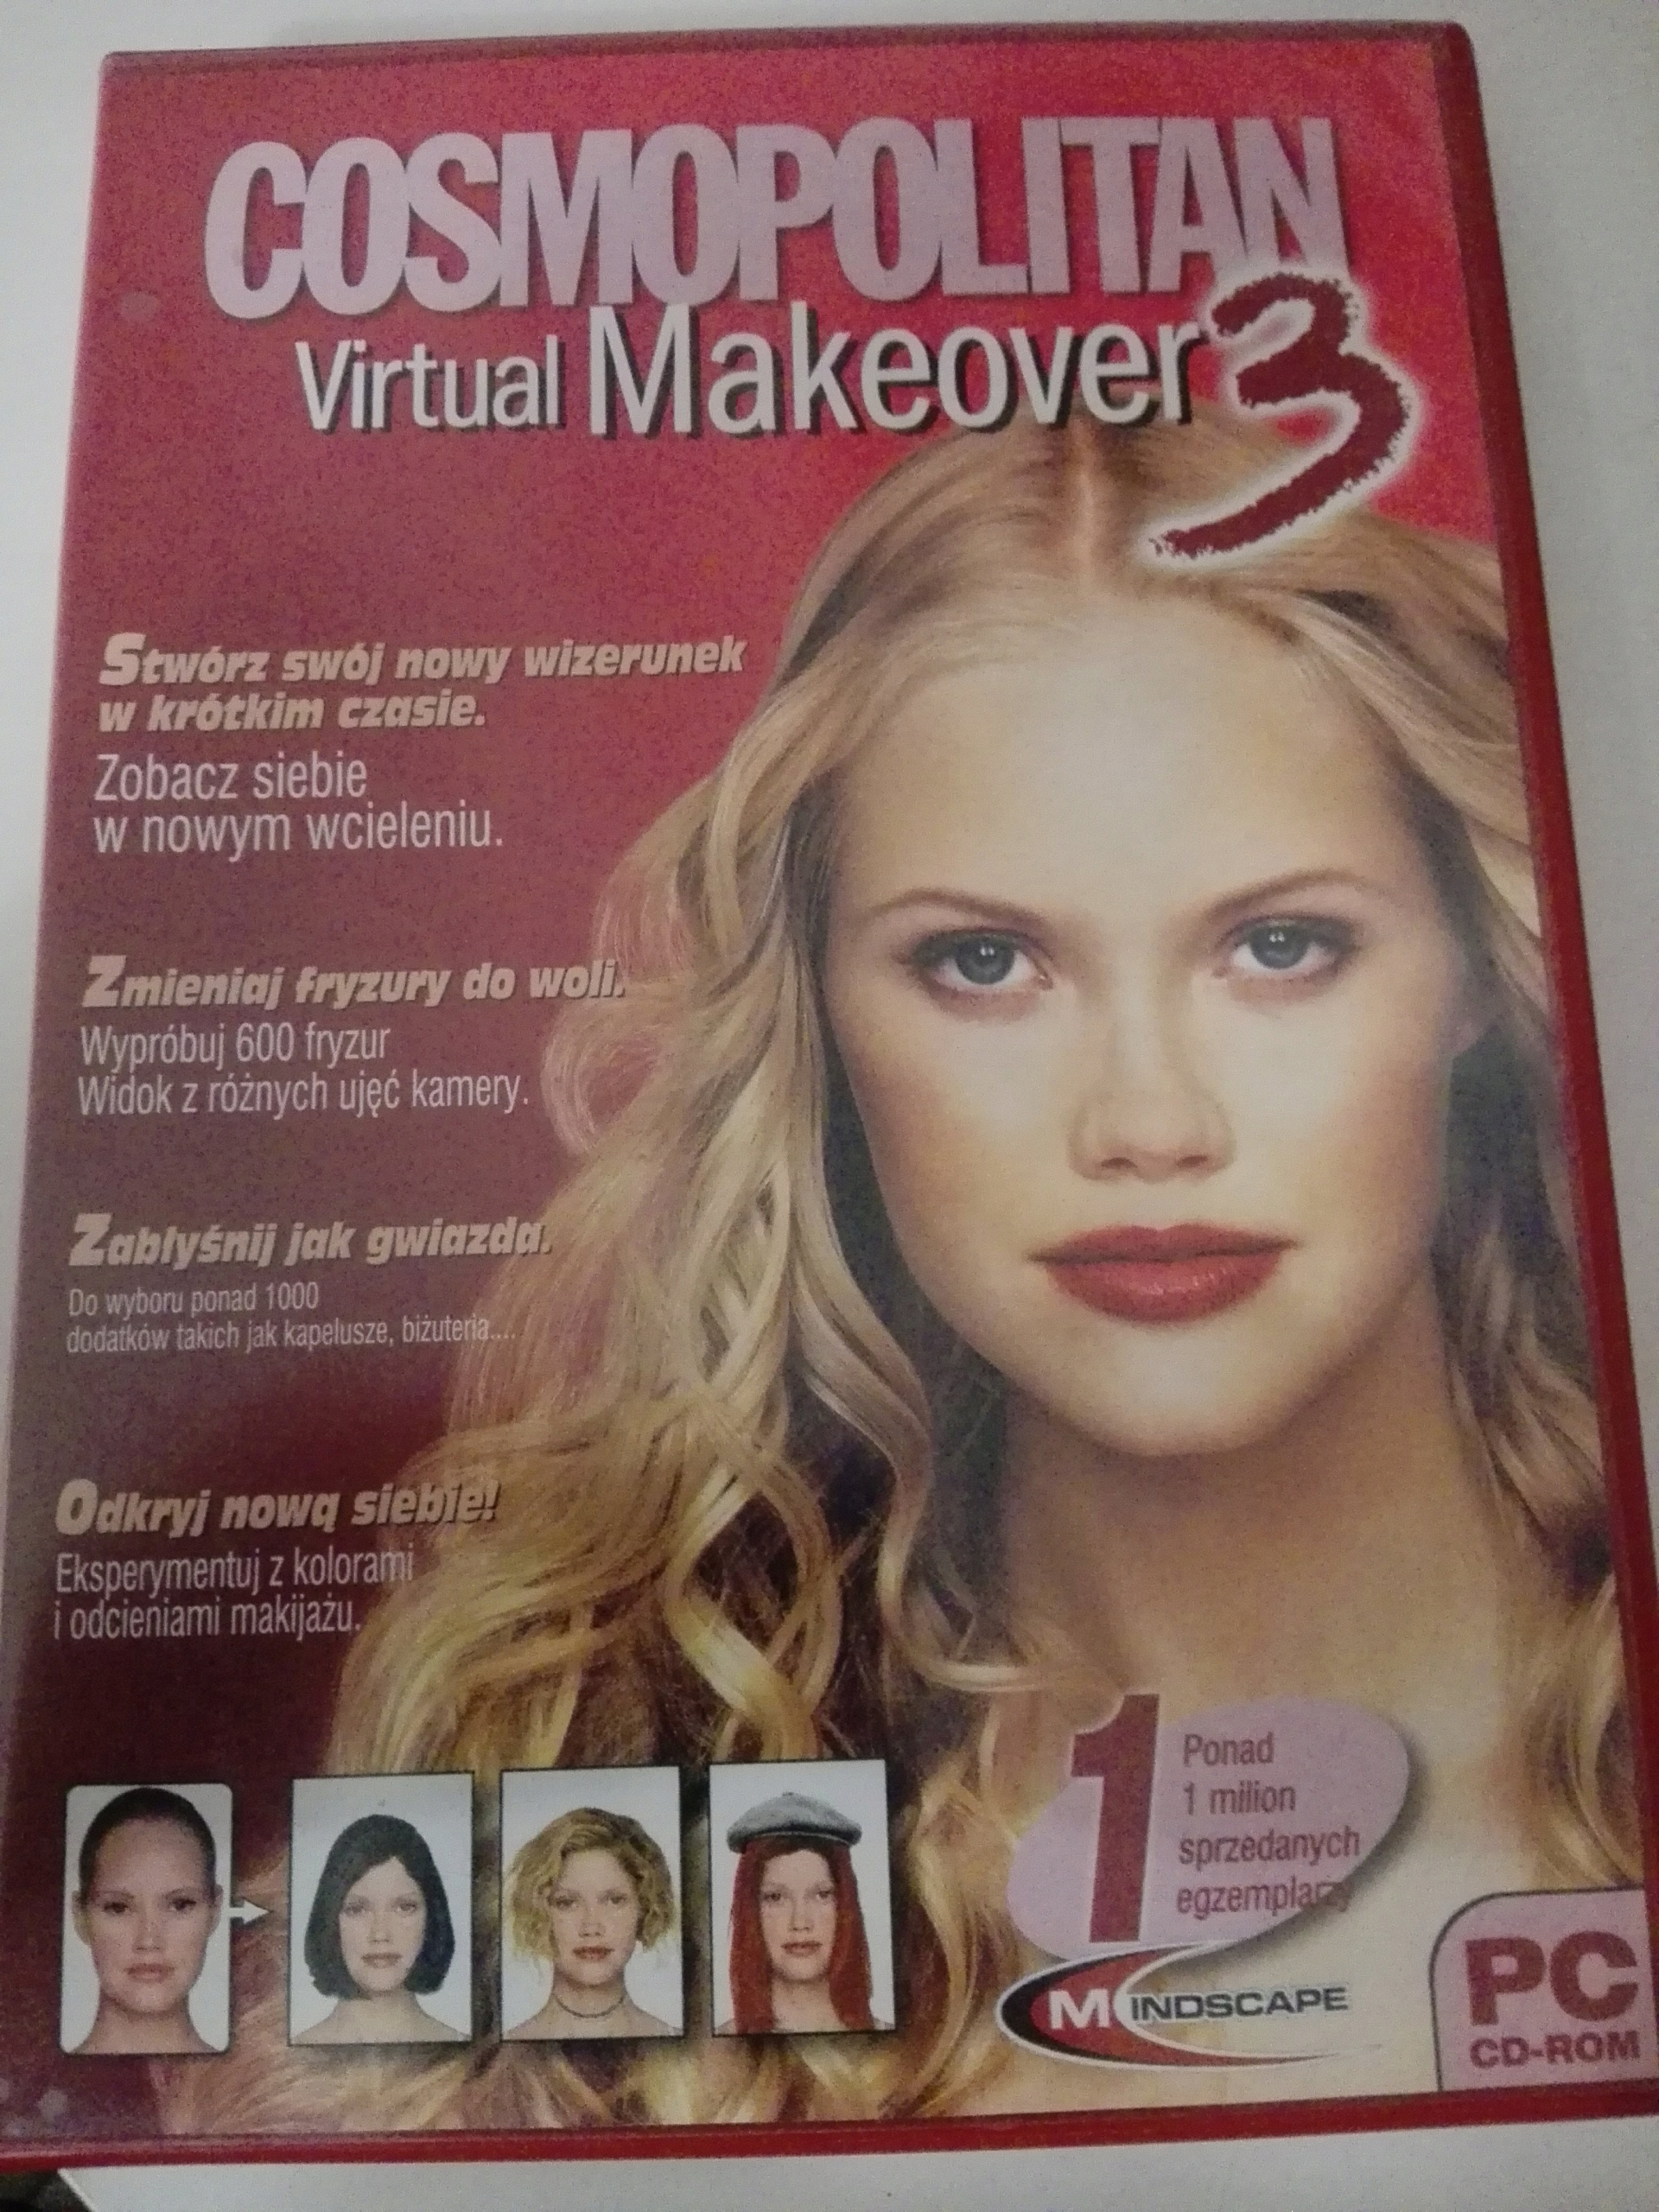 Cosmopolitan Virtual Makeover 3 Pc